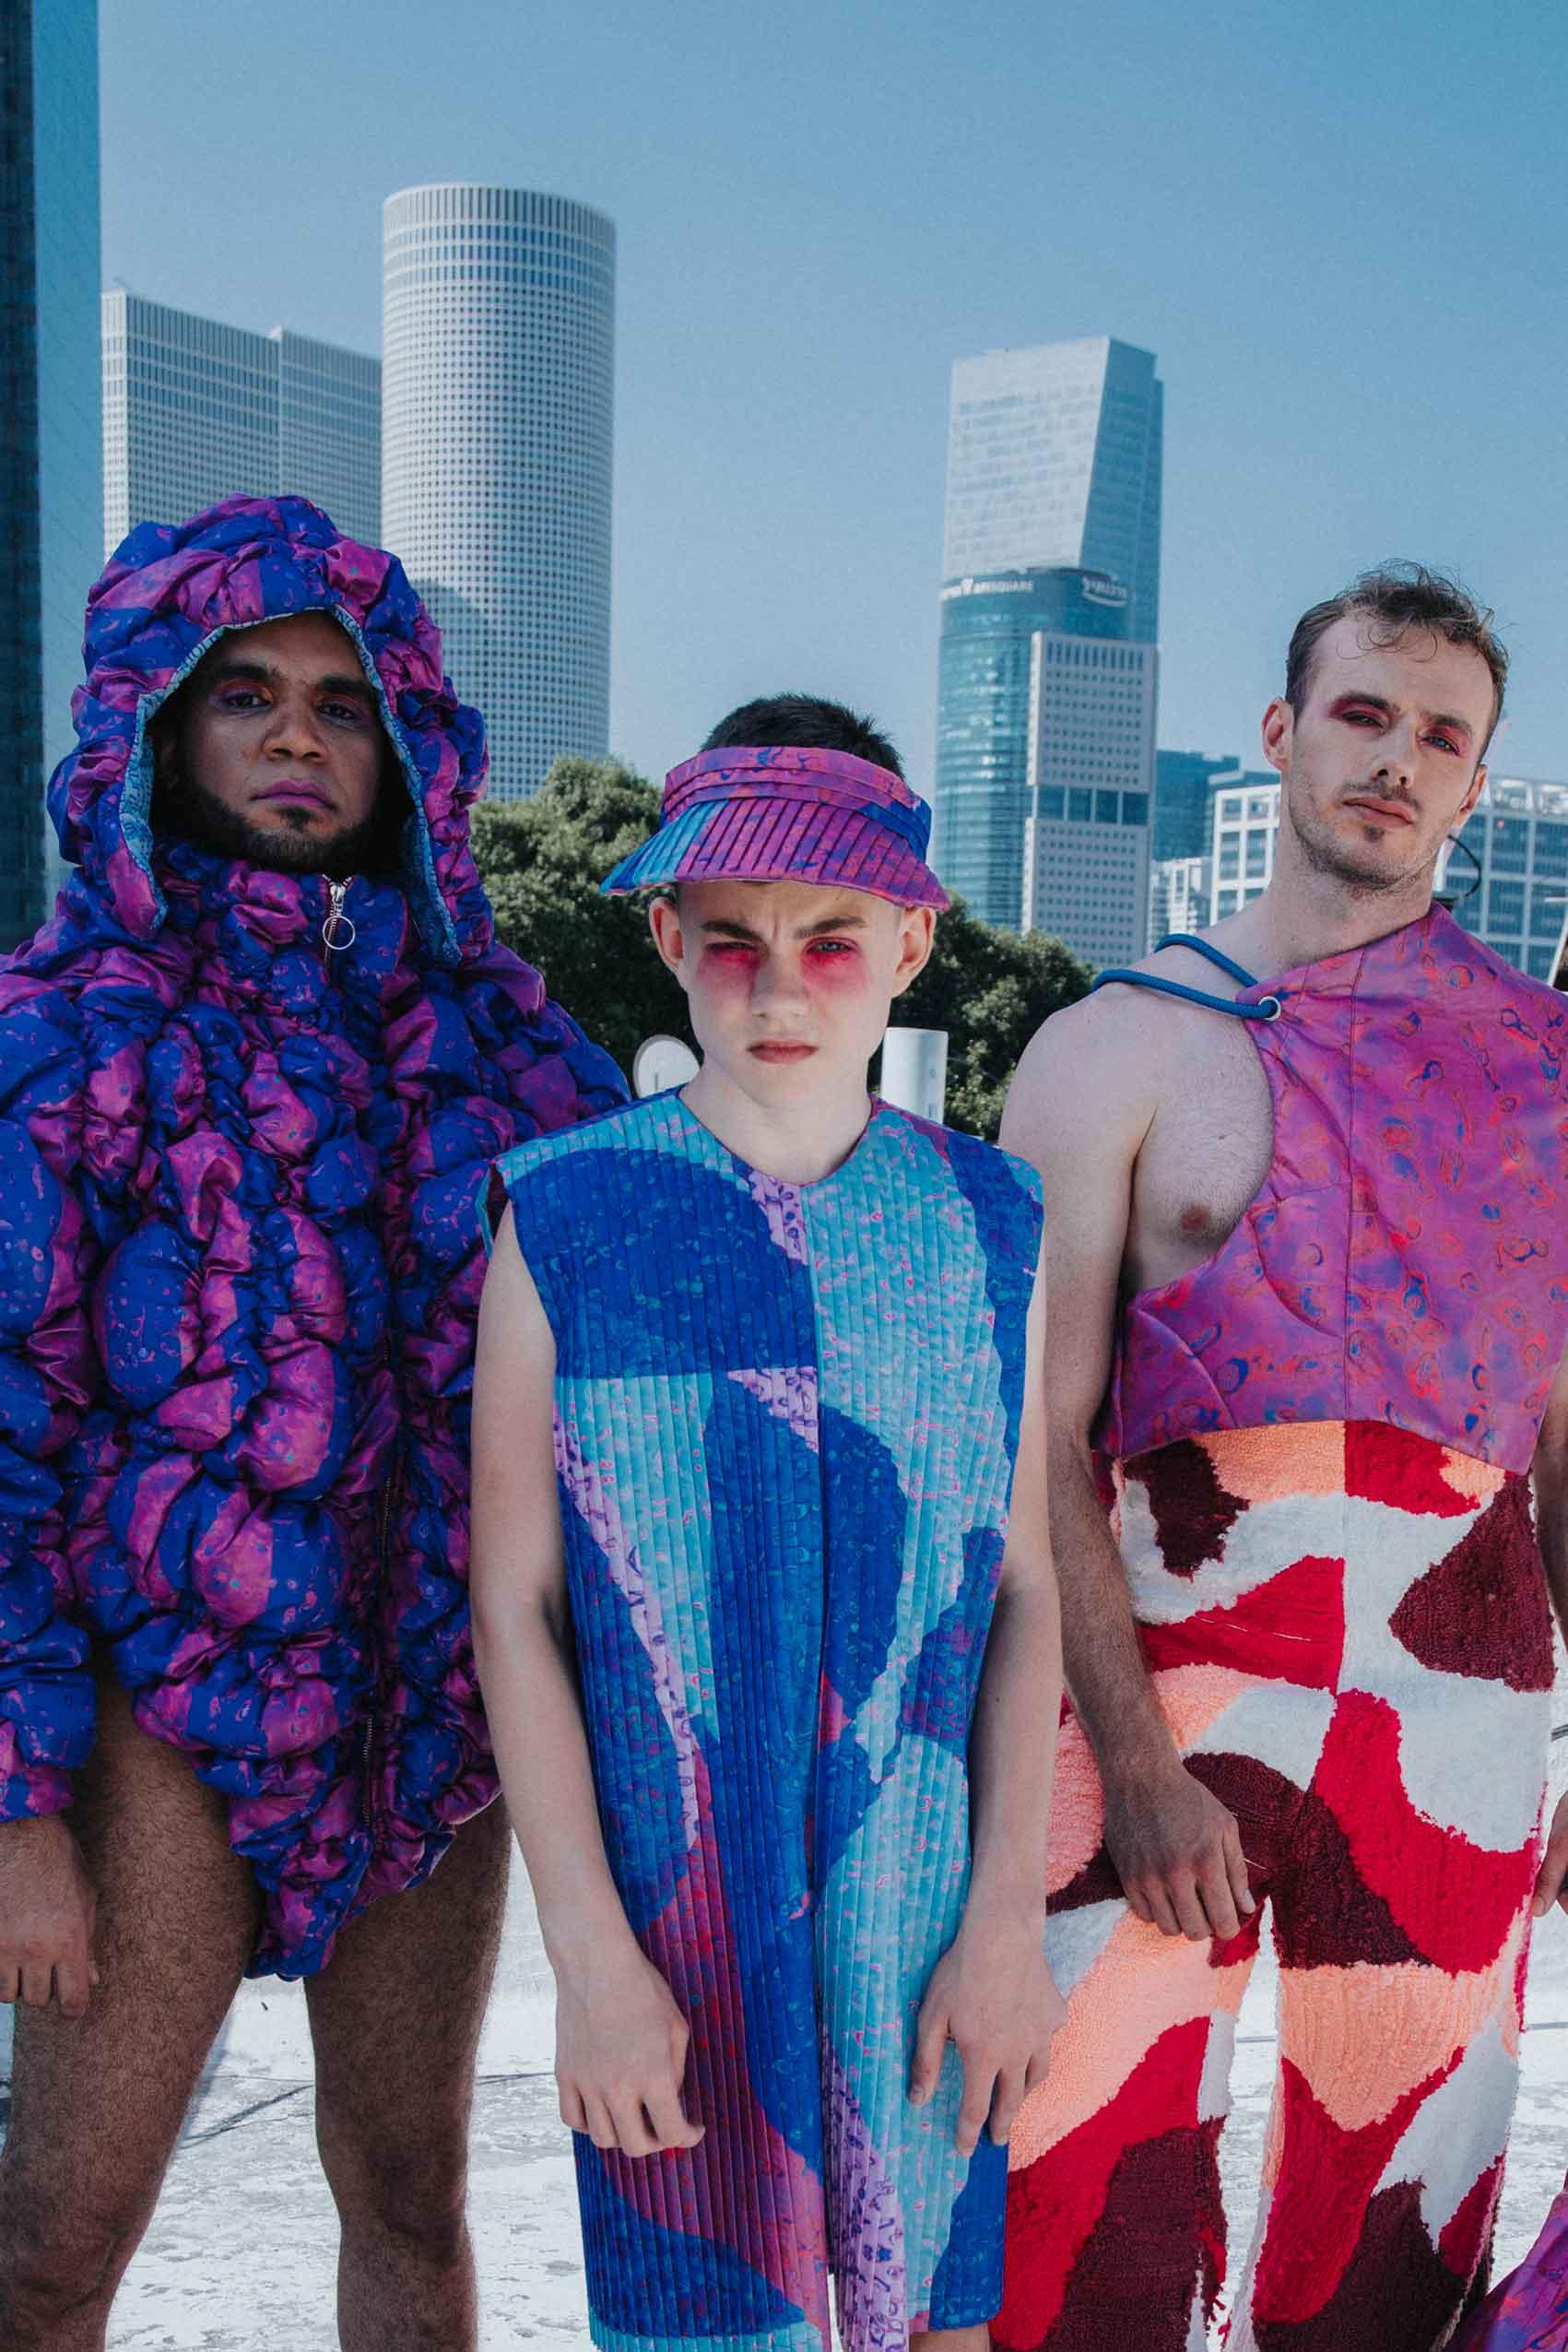 עיצוב-אופנה-סטייל-חדשות-אופנה-טרנדים-יהונתן-שלמה-פישר-בצלאל-מגזין-אופנה-חדשות-האופנה-כתבות-אופנה